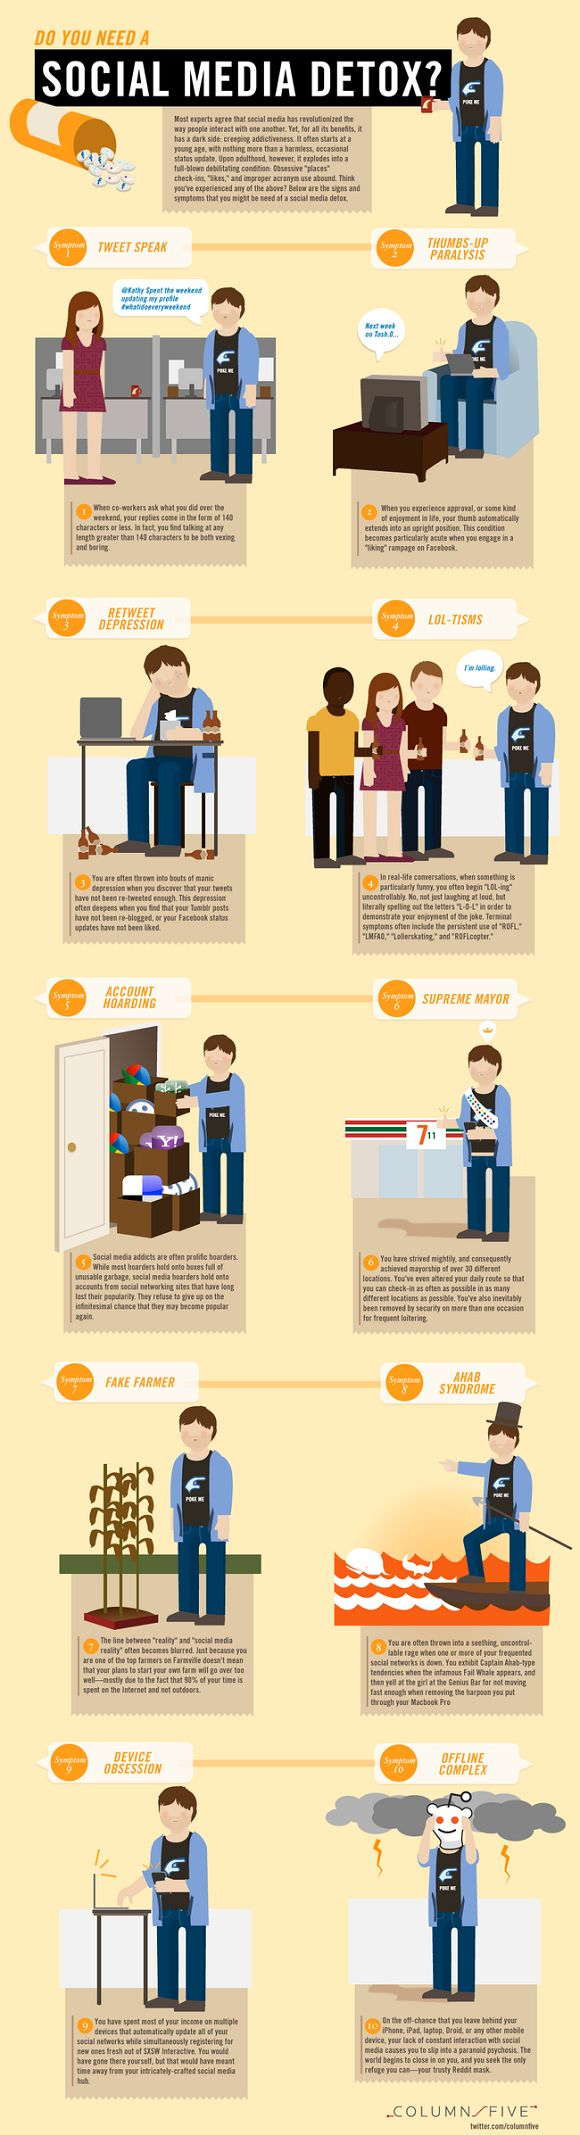 Etes-vous addicts aux réseaux sociaux? - infographie